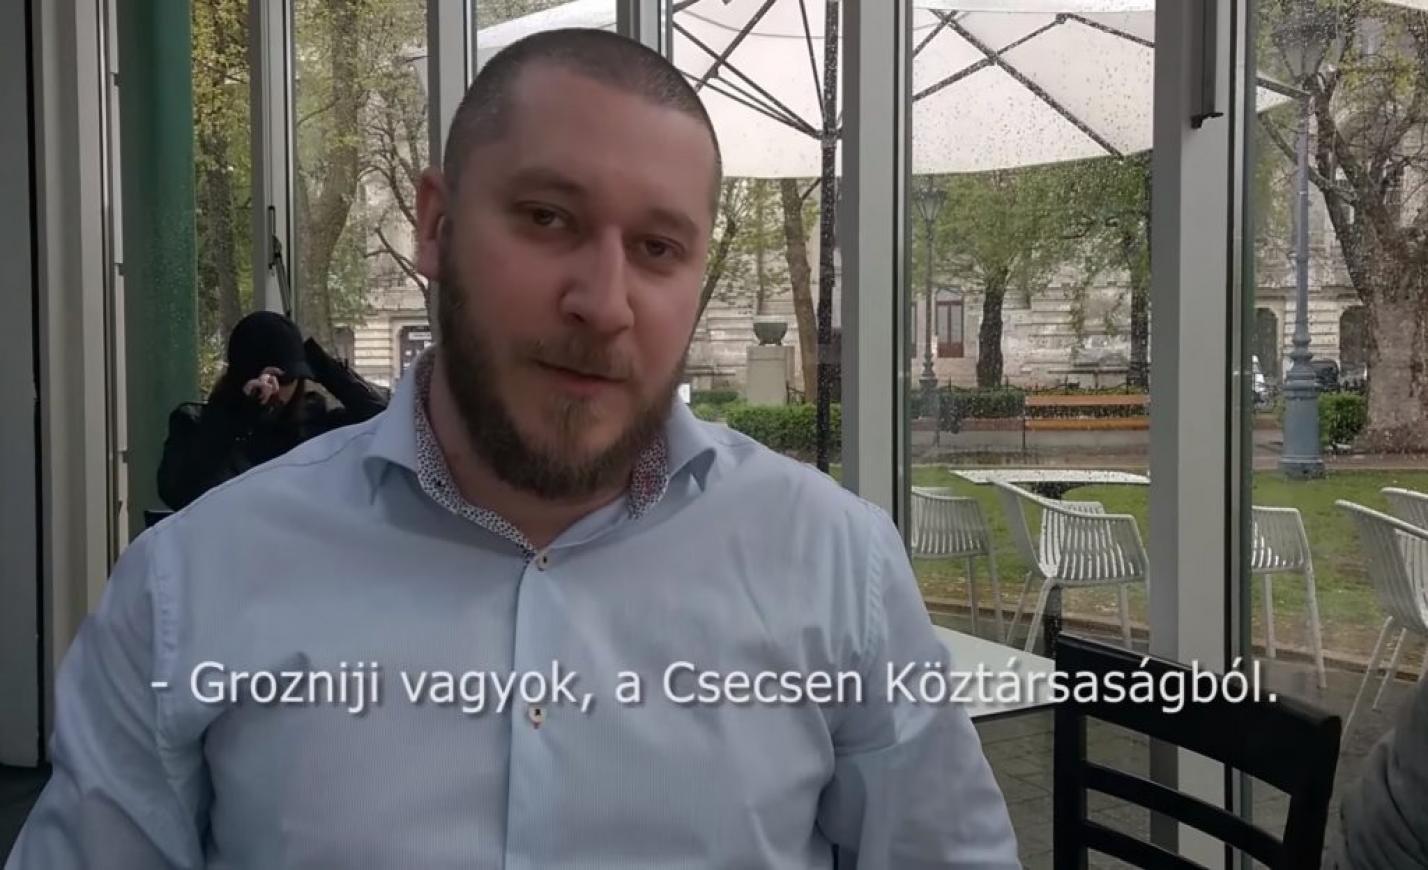 Nyomoz az ügyészség Magomed, a csecsen ügyében